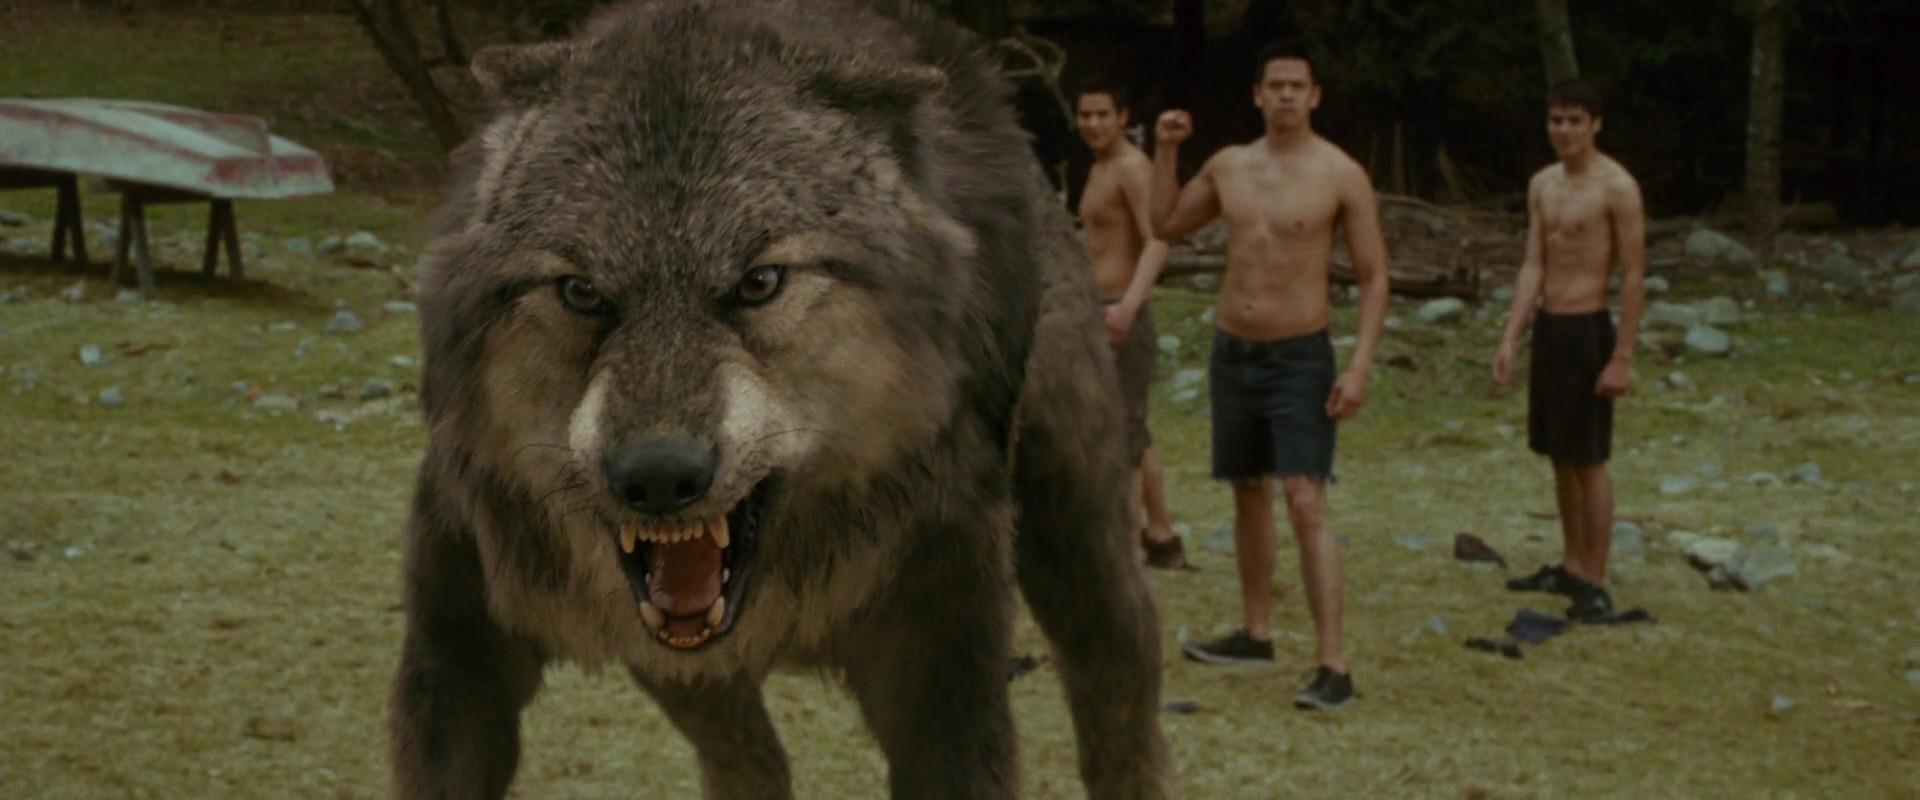 суровые и невероятно милые оборотни волки